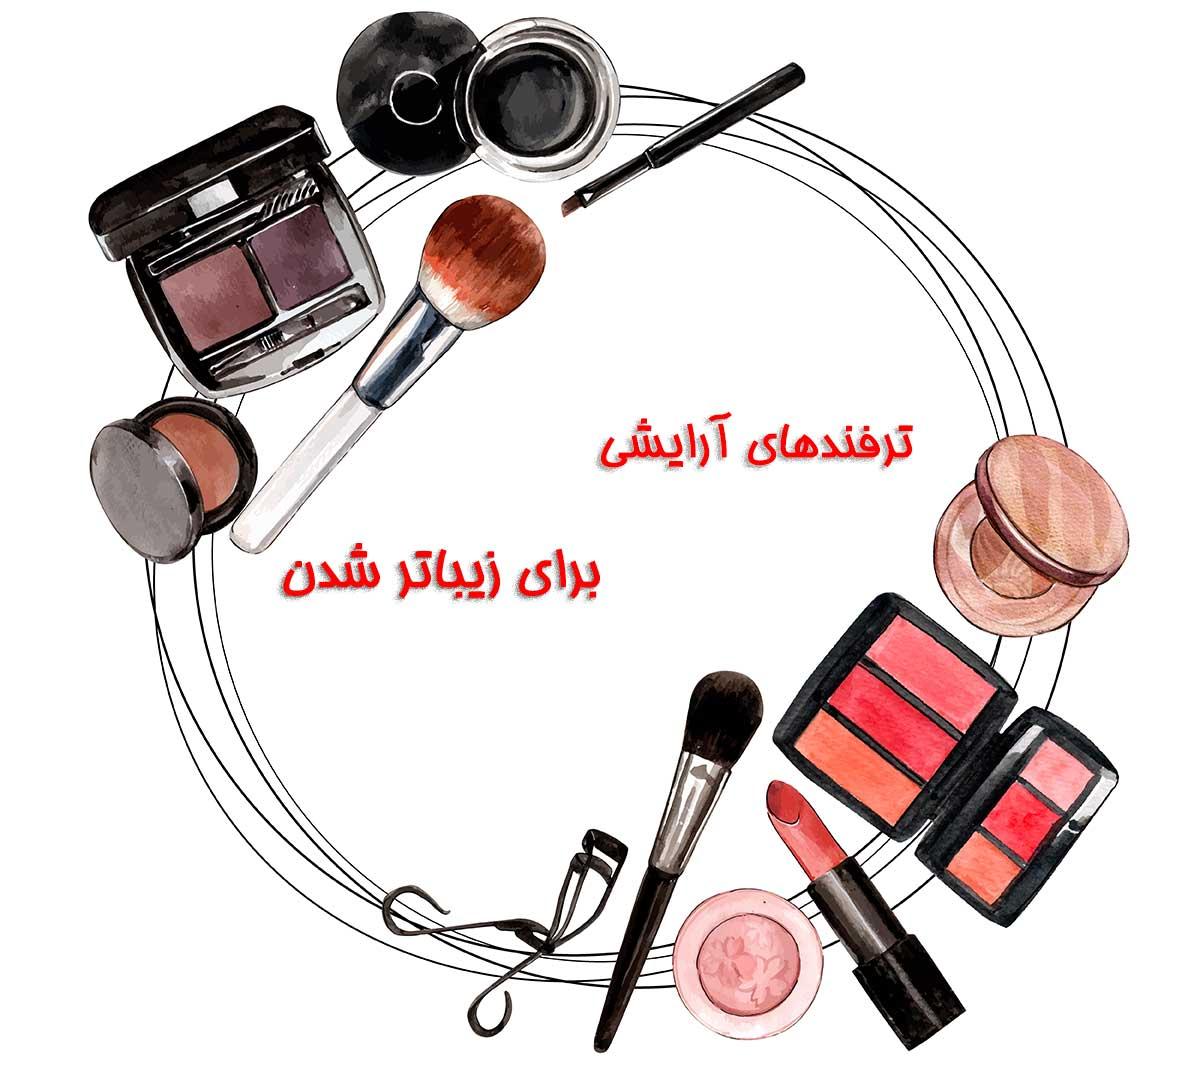 ترفندهای آرایشی برای زیباتر شدن | آرایش صورت و چشم | آرایش ابرو | سیاهی زیر چشم | آرایش لب | مراقبت پوست | فروشگاه اینترنتی آرایش سرا